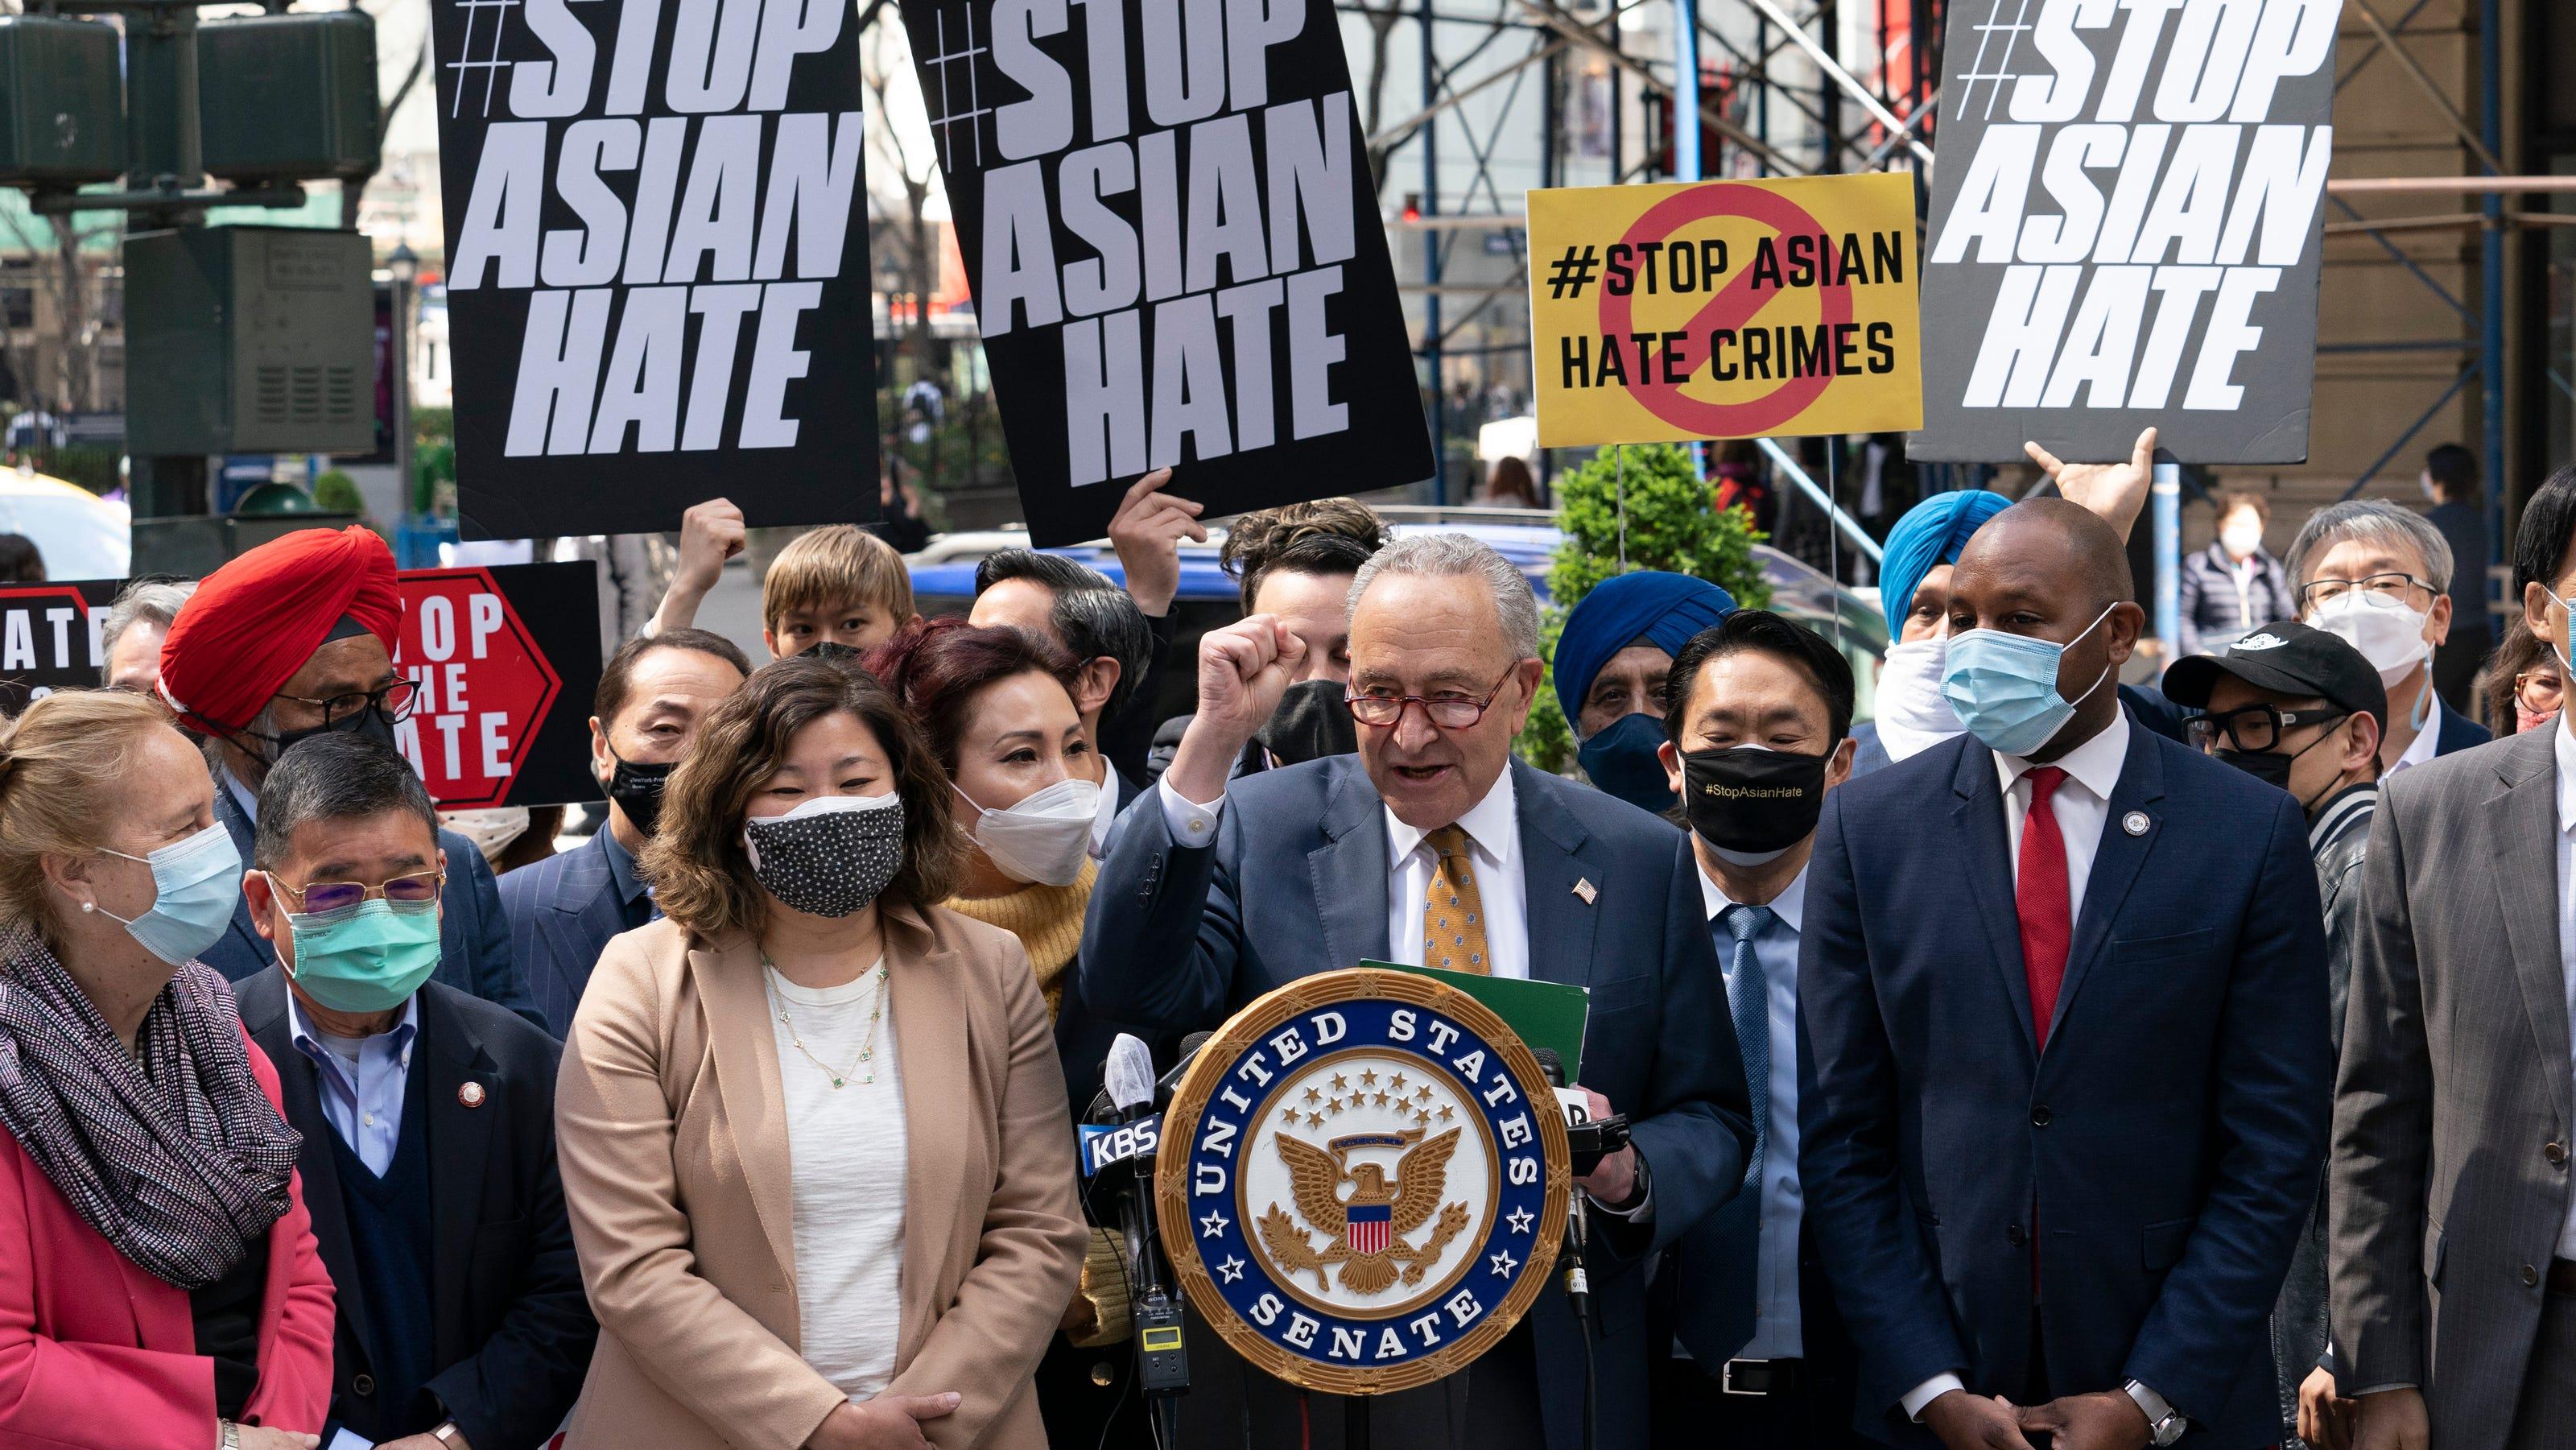 www.usatoday.com: COVID-19 hate crimes bill to fight Asian American discrimination passes Senate